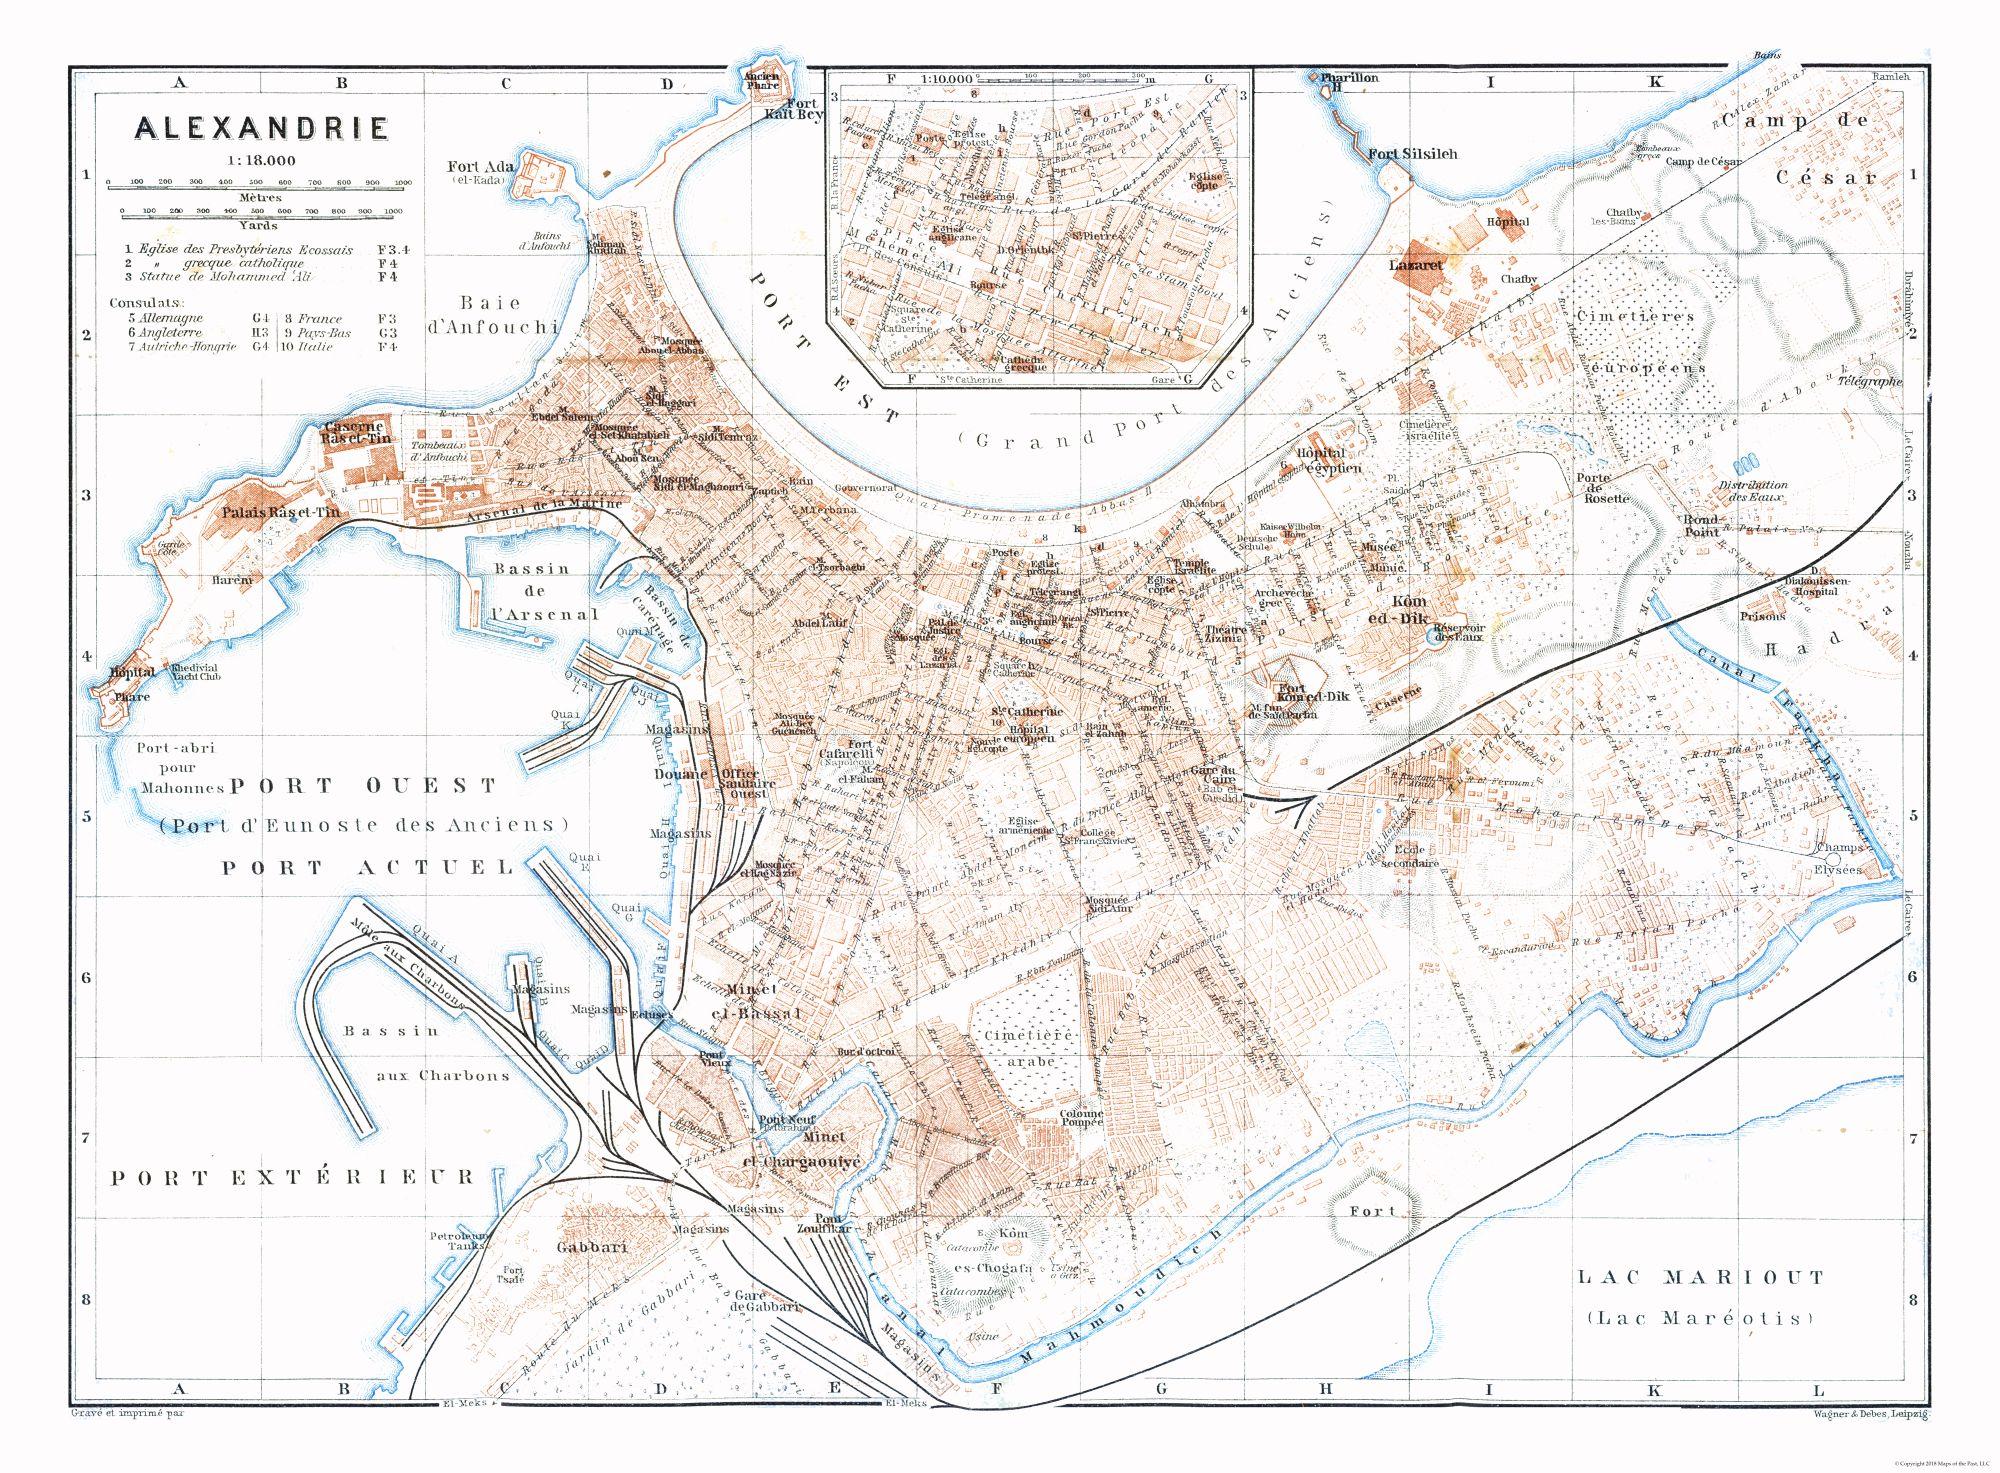 International Map - Alexandria - Egypt - Baedeker 1913 - 31.22 x 23